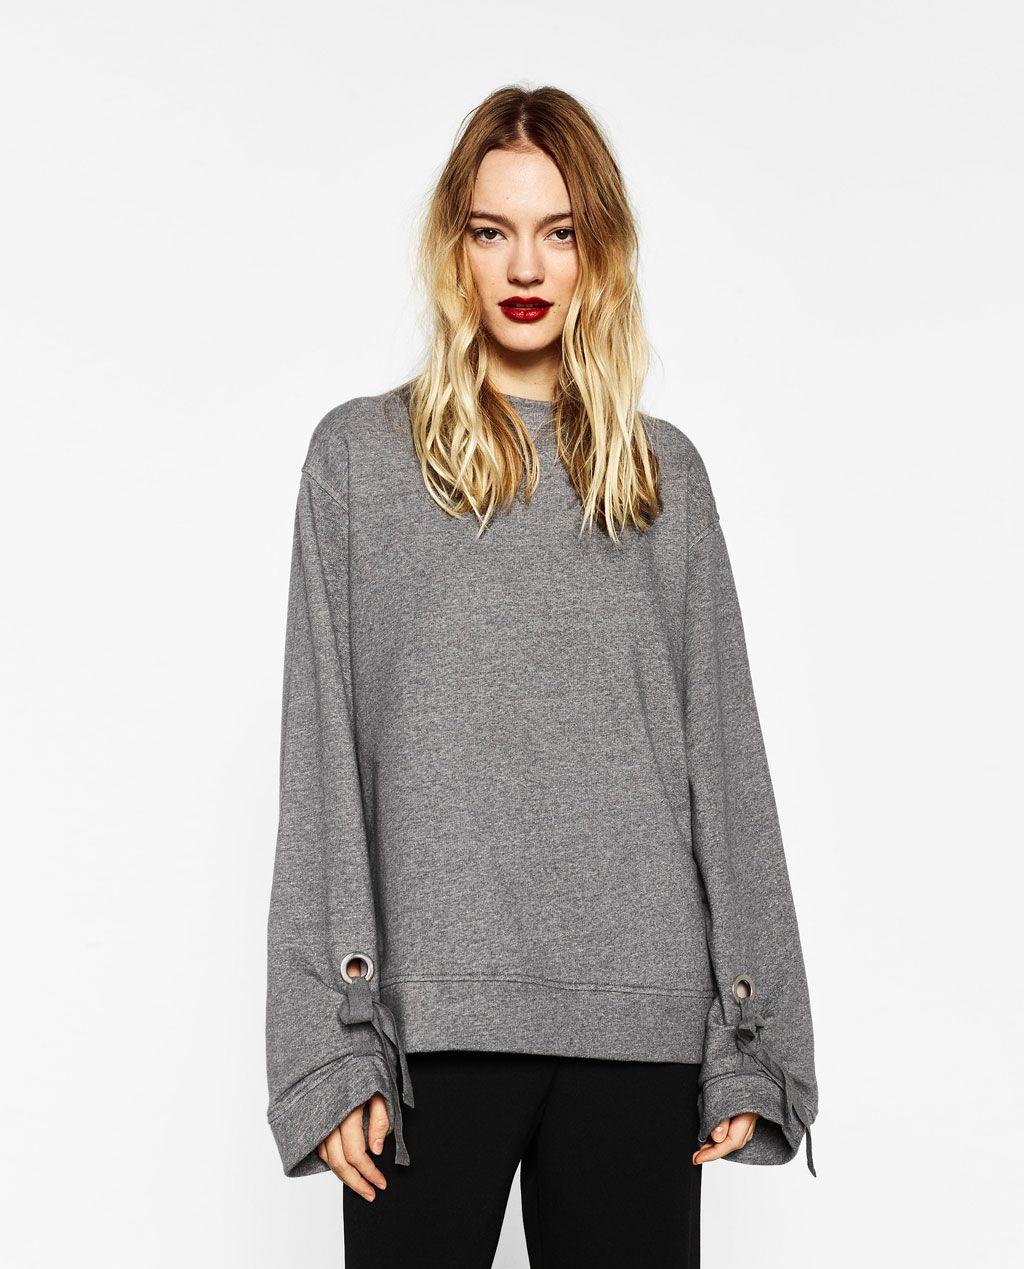 8320eb96 Image 2 of OVERSIZED SWEATSHIRT WITH BOW SLEEVE from Zara | Fashion ...